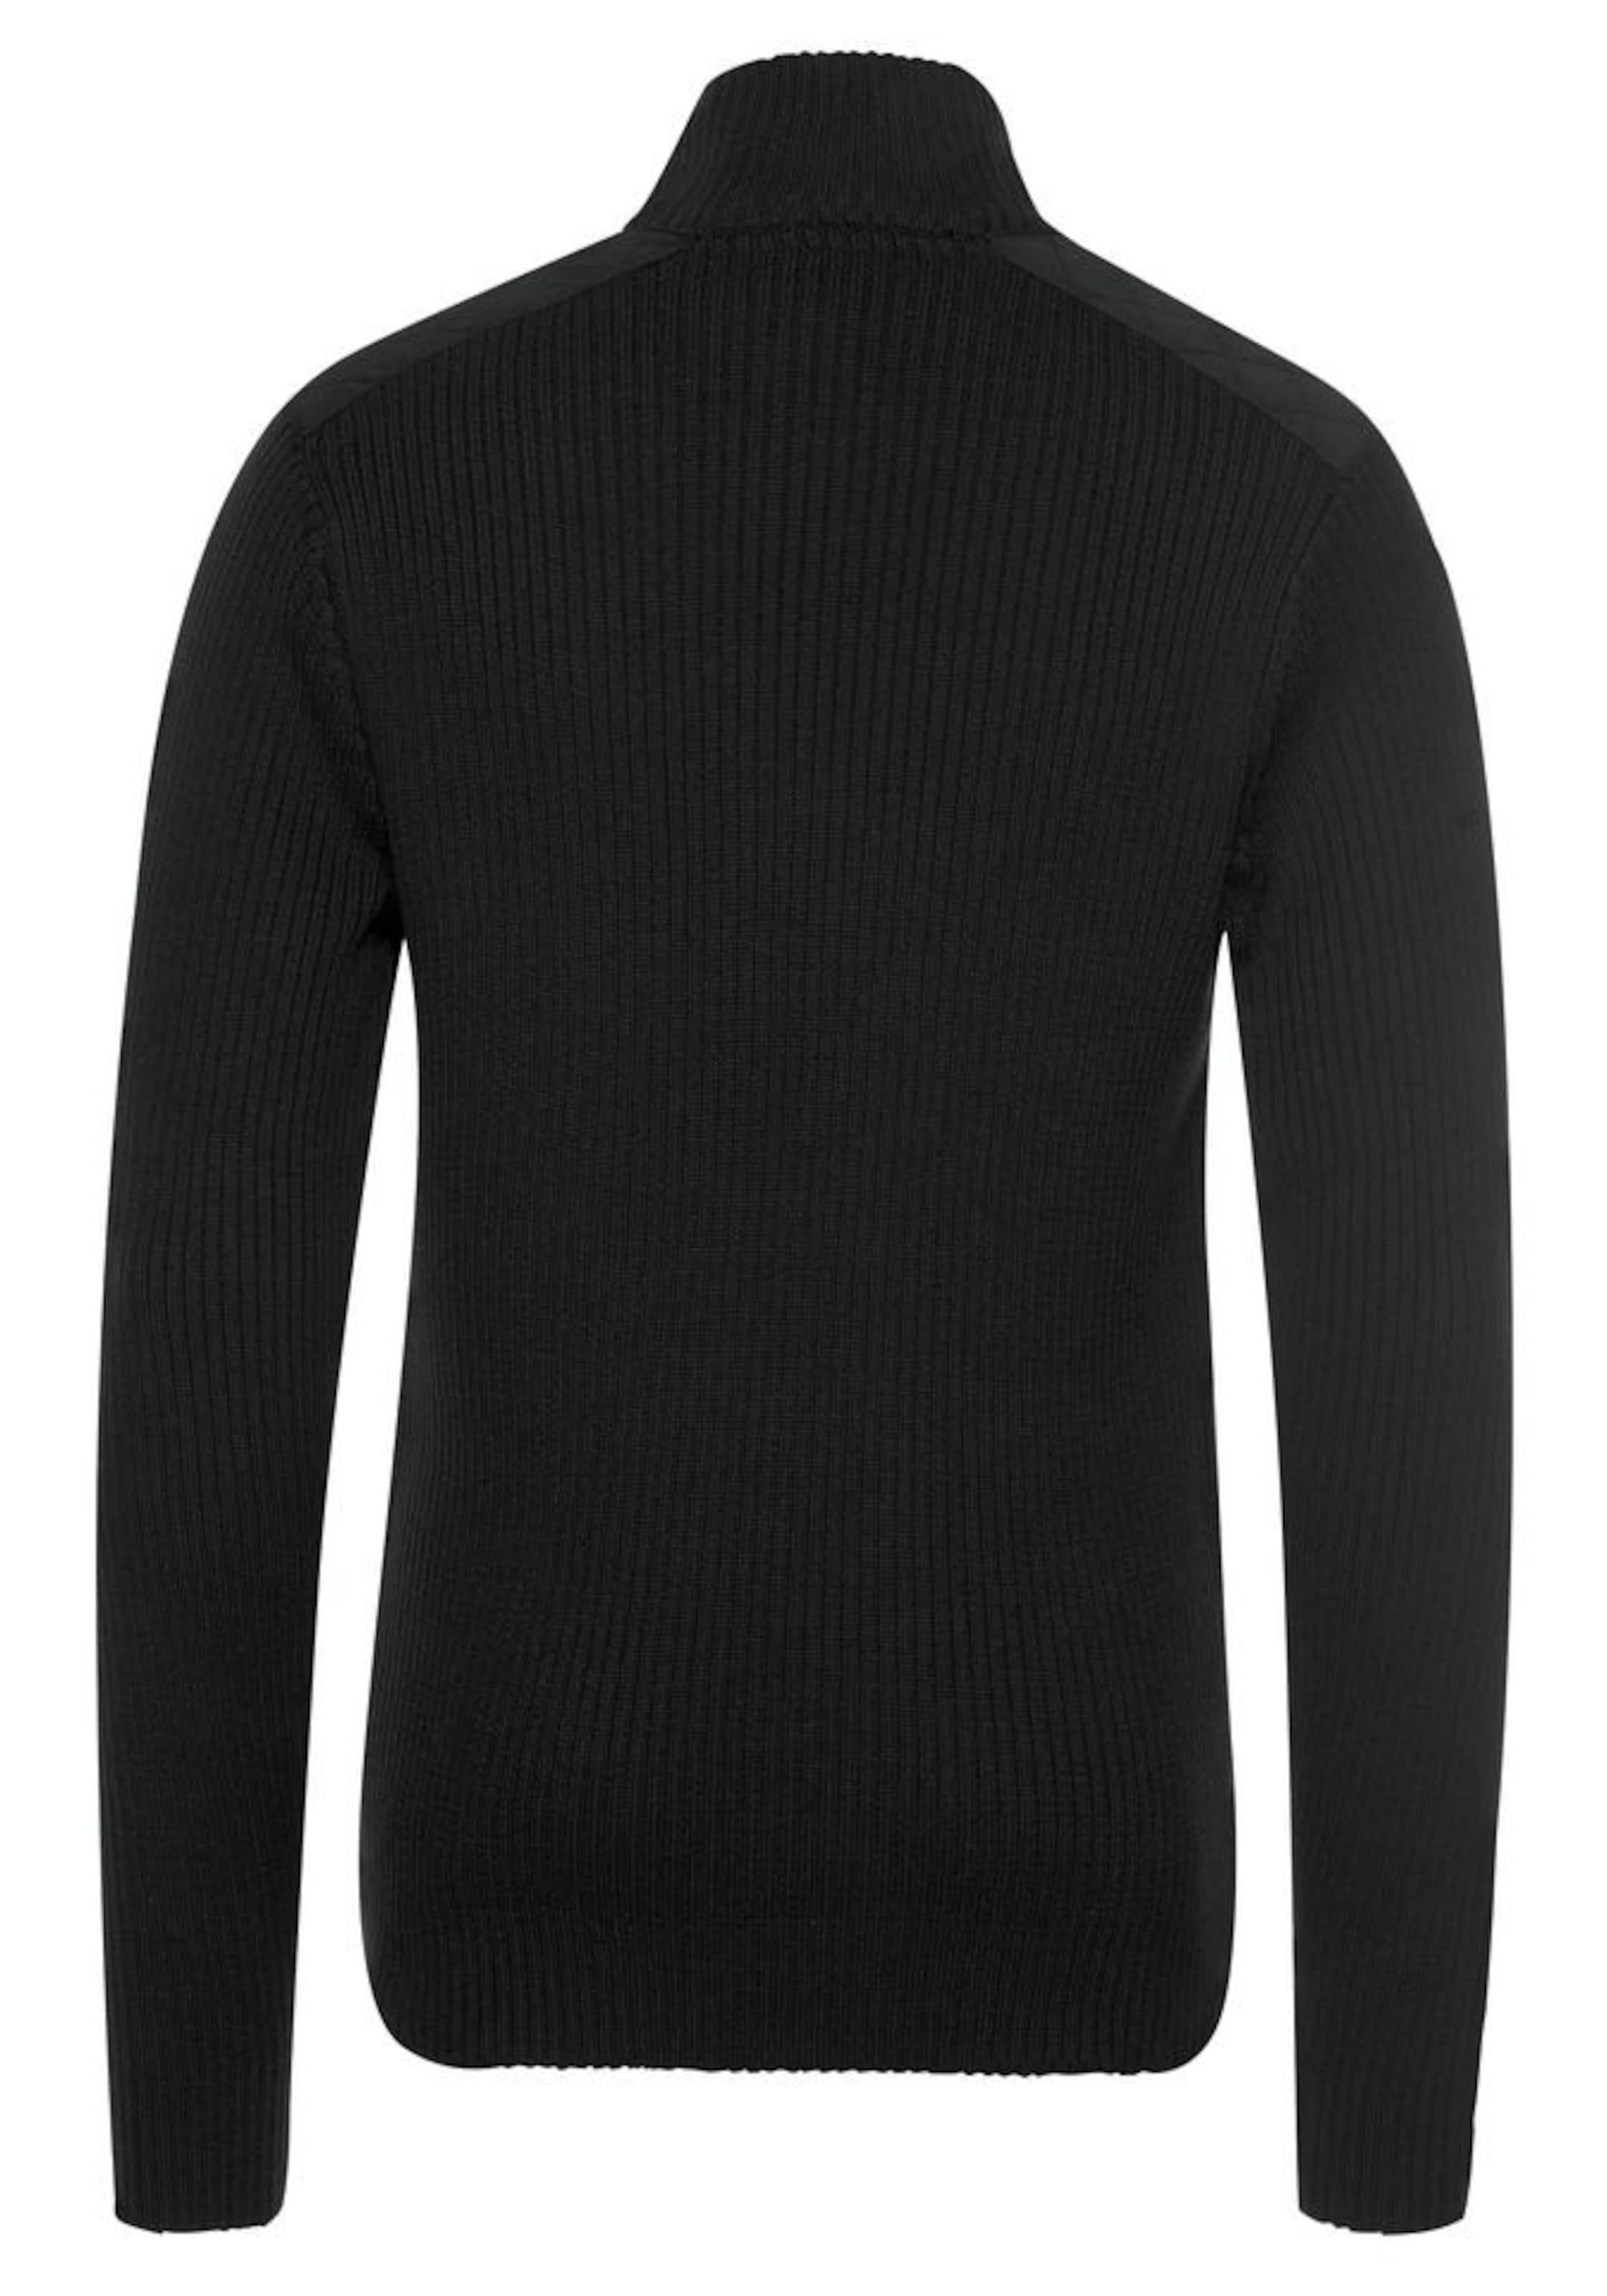 ARIZONA Pullover in schwarz Troyer 1000325593